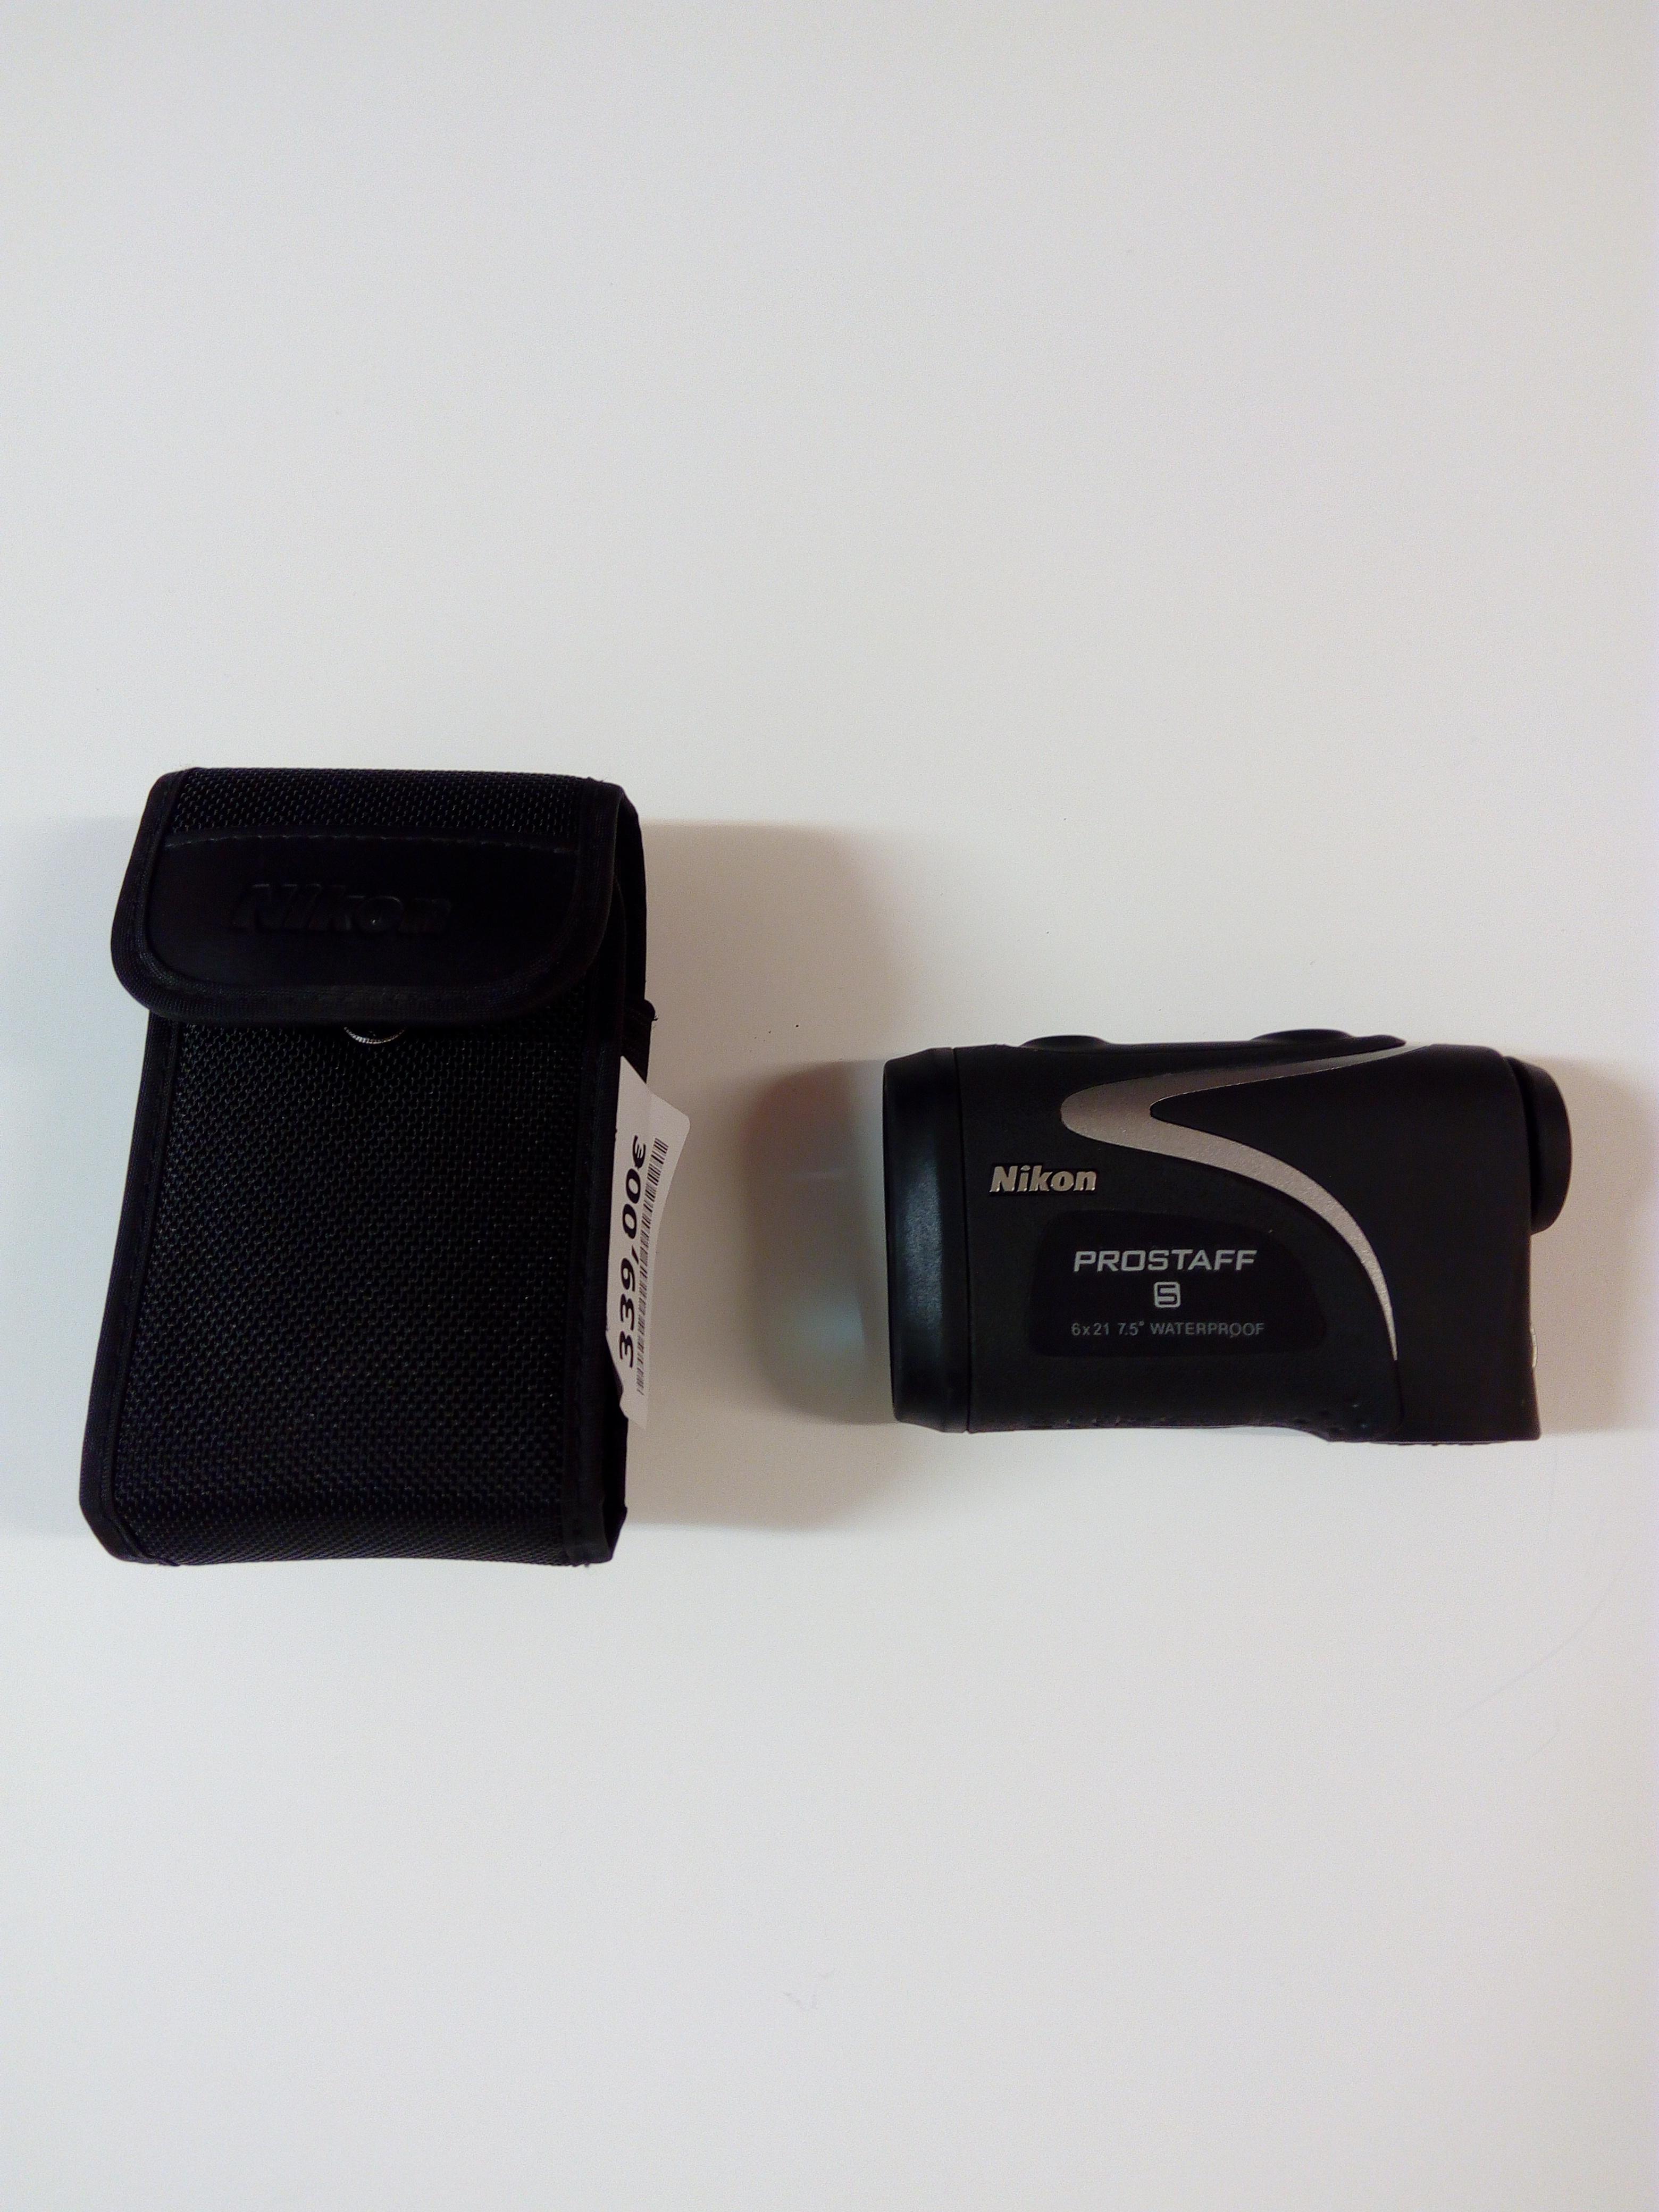 Nikon prostaff 6x21  laseretäisyysmittari